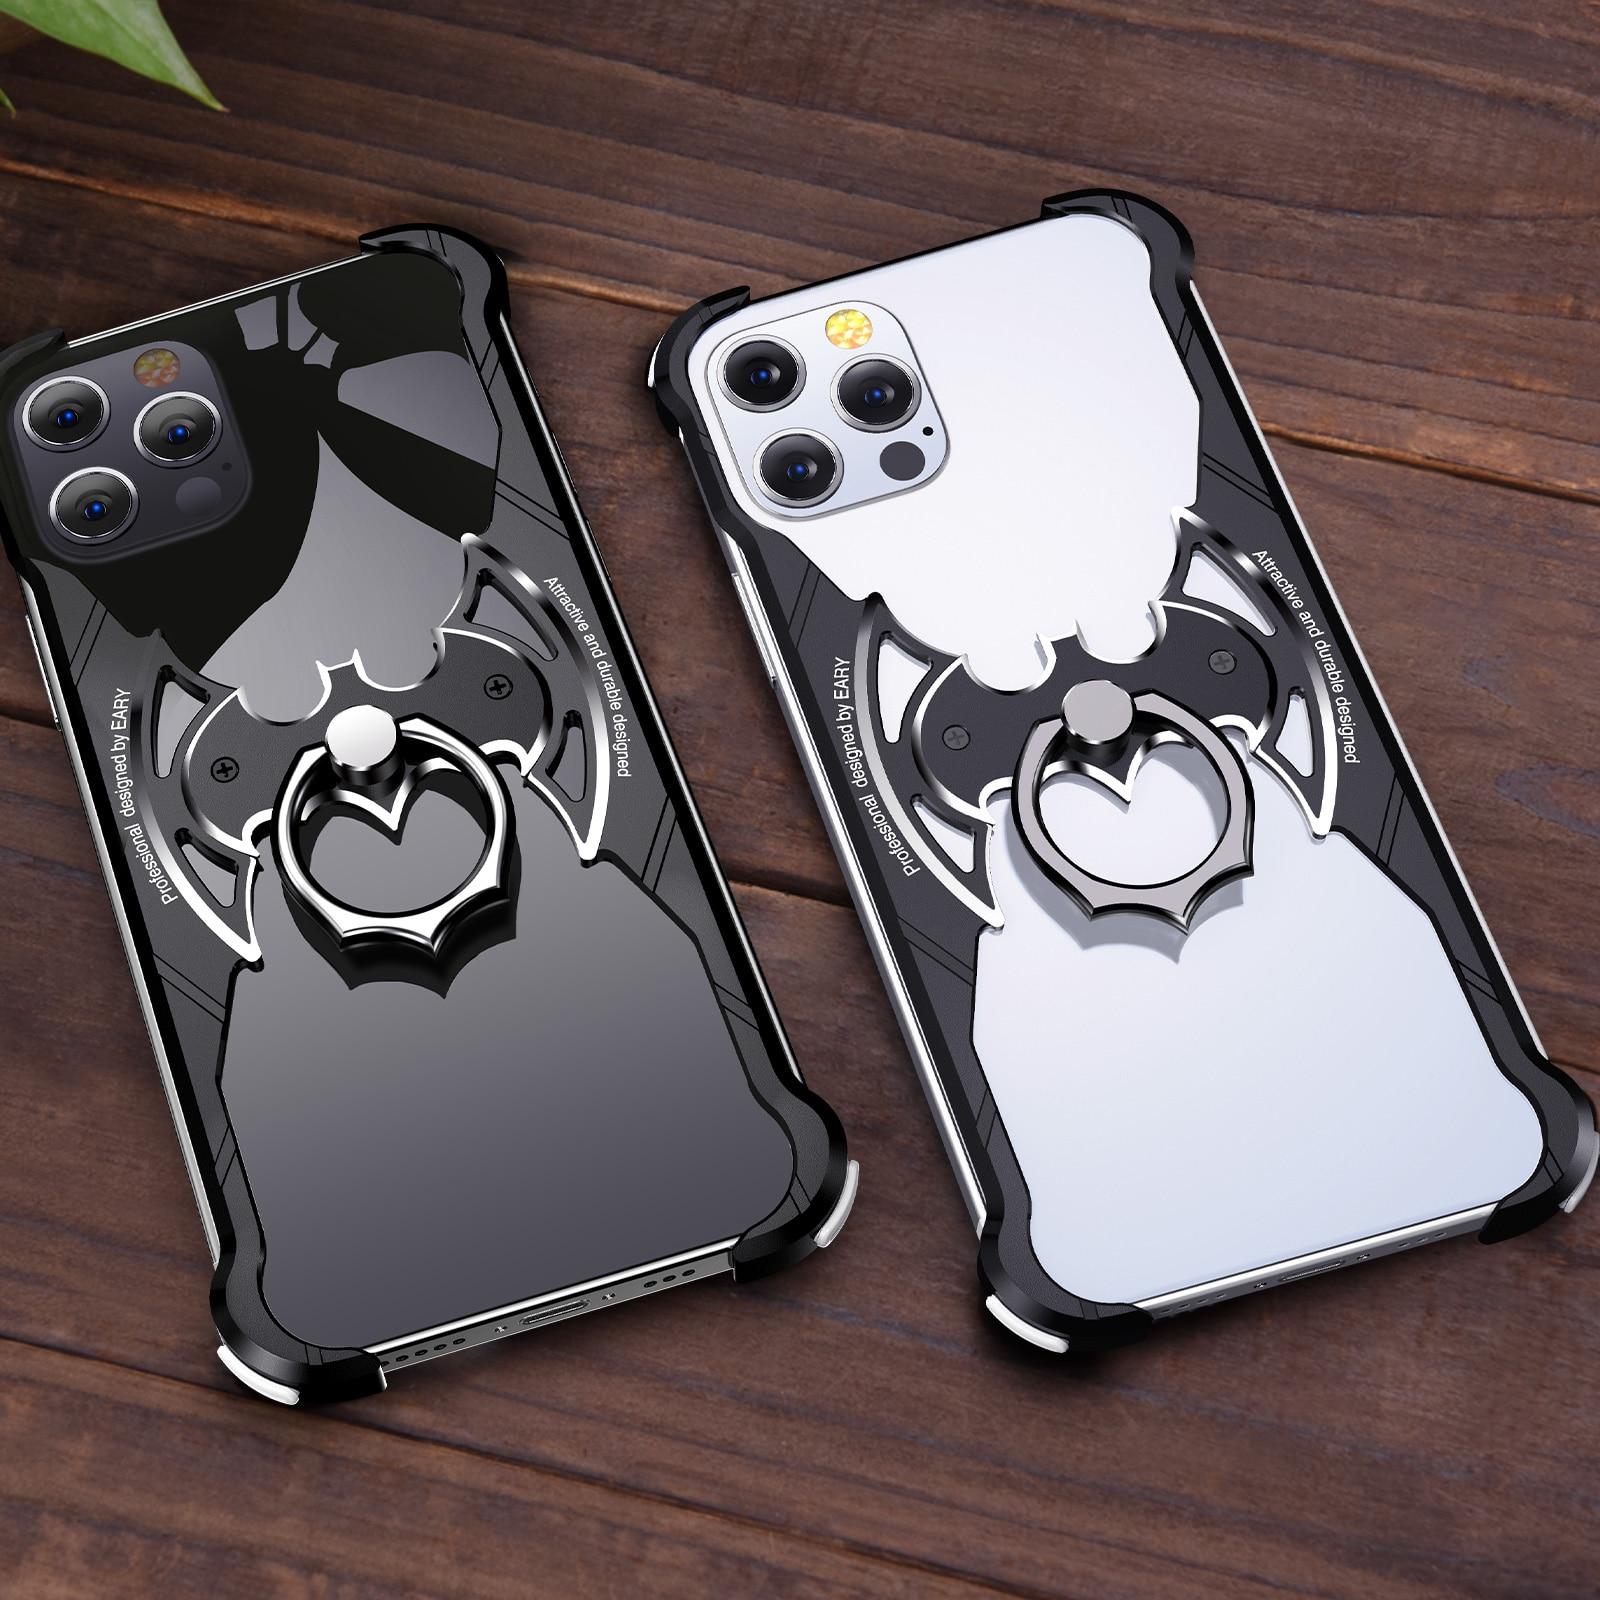 Роскошный металлический чехол OATSBAS в форме летучей мыши для Iphone 12pro max, чехол с полной защитой на 360 градусов, задняя крышка для Iphone 12 pro max